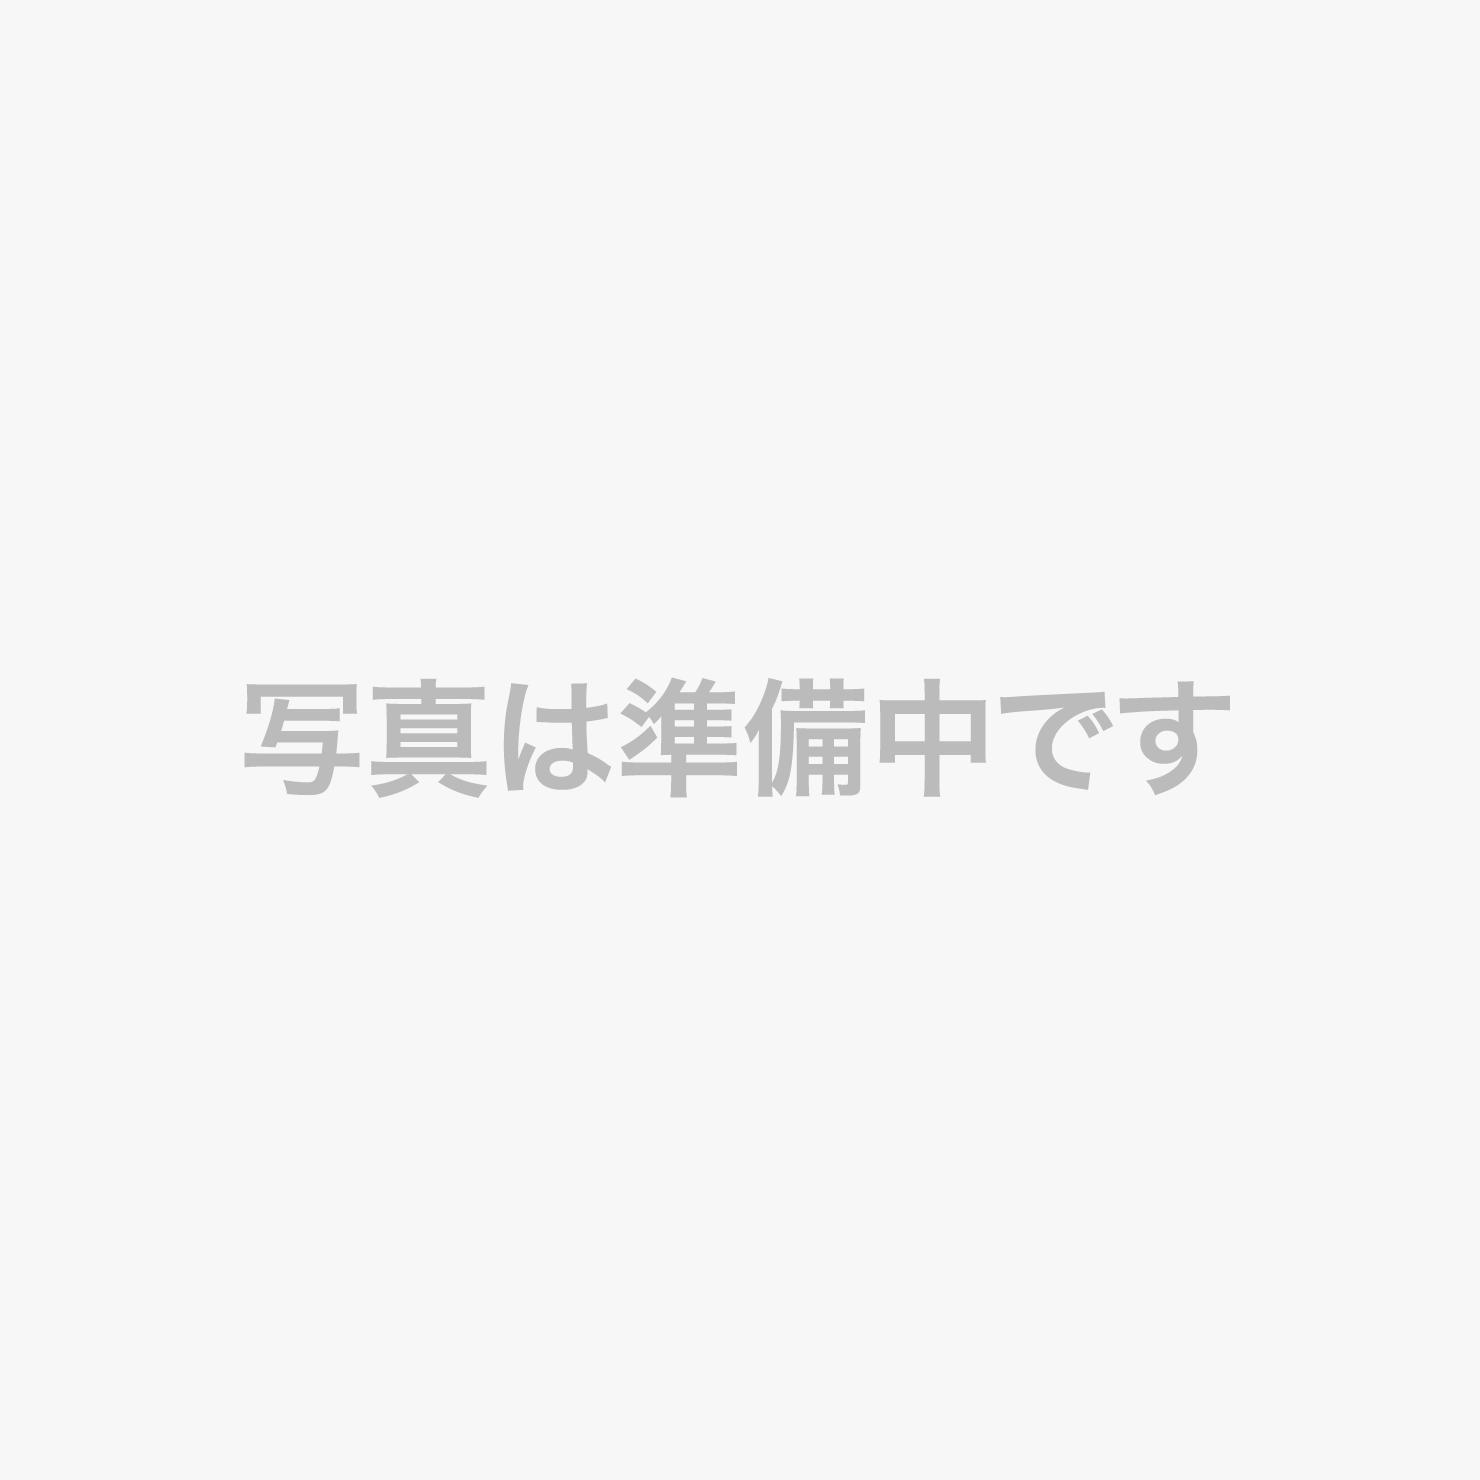 【ガーデンラウンジ】四季折々の美しい日本庭園を一望するホテルニューオータニならではのラウンジ。2020.9.3より、「サンドウィッチ&スイーツ プレゼンテーション」が予約制で全日開催いたします。ガーデンタワー ロビィ階